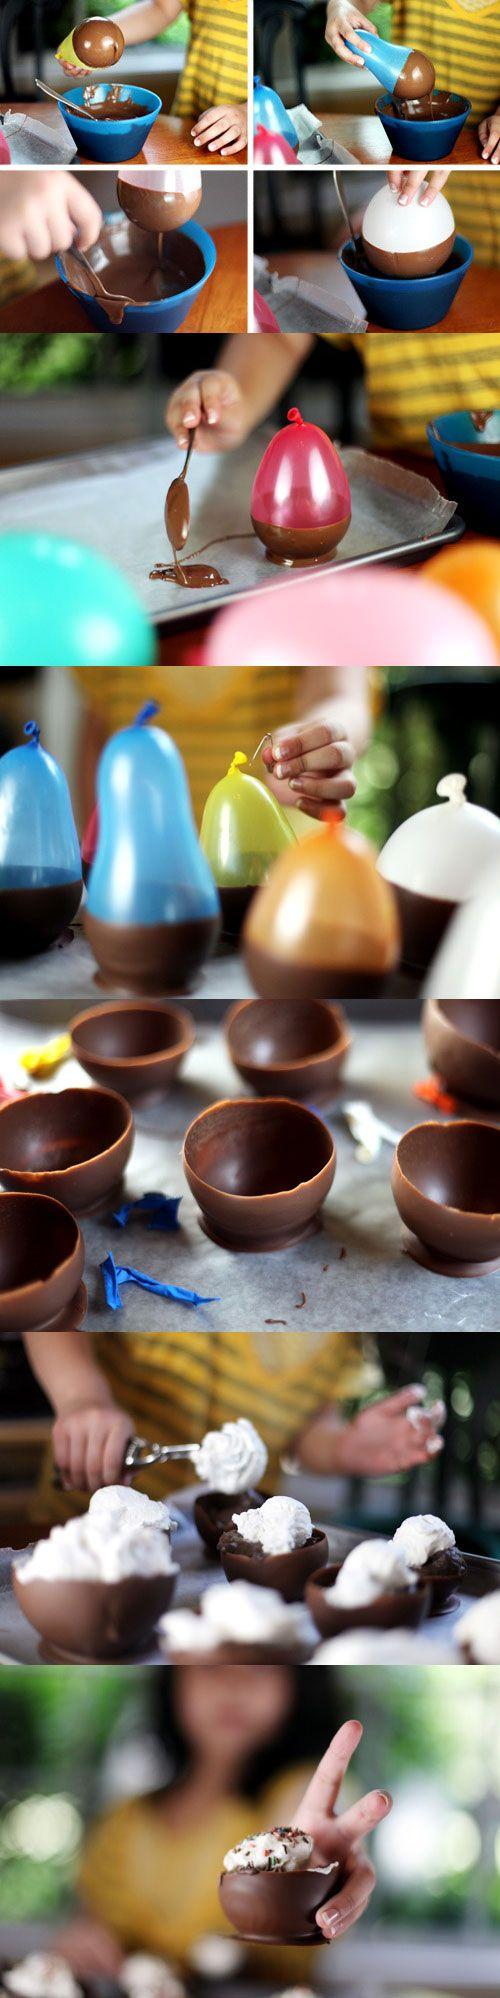 Eetbare schaaltje van chocolade. Smelt de chocolade au bain marie. Laat het wat afkoelen. Dep de ballon in de chocolade en doe het een paar minuten in de koelkast tot het hard geworden is. Voer deze stap meerdere malen uit totdat het dik geworden is.Als de chocolade hard geworden is, prik de ballon met een naaldje en haal deze ballon eraf.Vul het schaaltje met vers gesneden fruit en ijs.Voila!